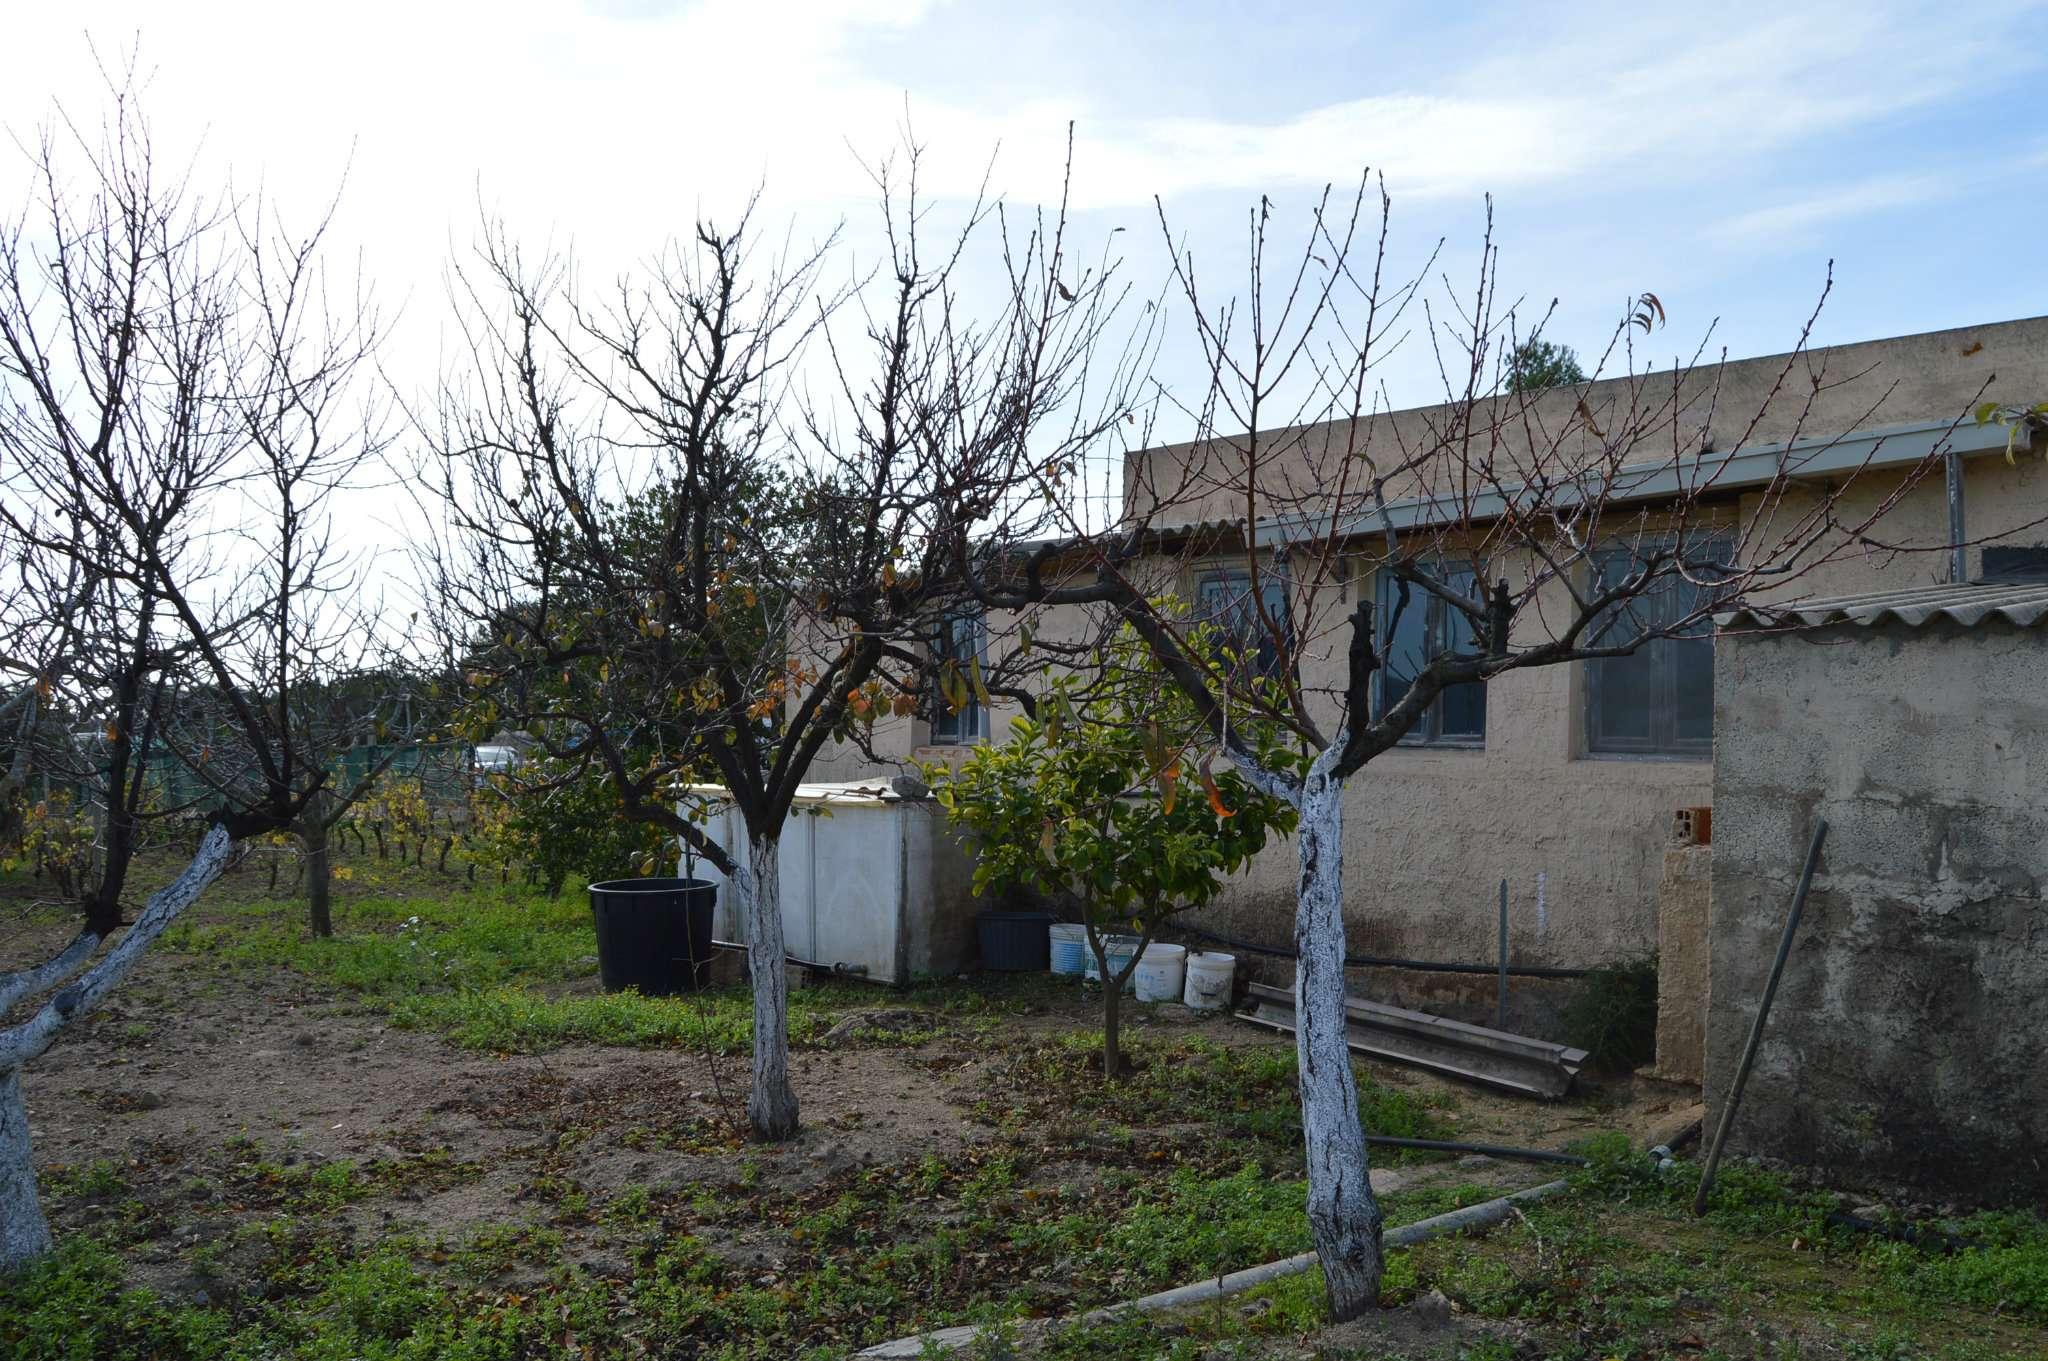 Soluzione Indipendente in vendita a Alghero, 4 locali, prezzo € 169.000 | CambioCasa.it